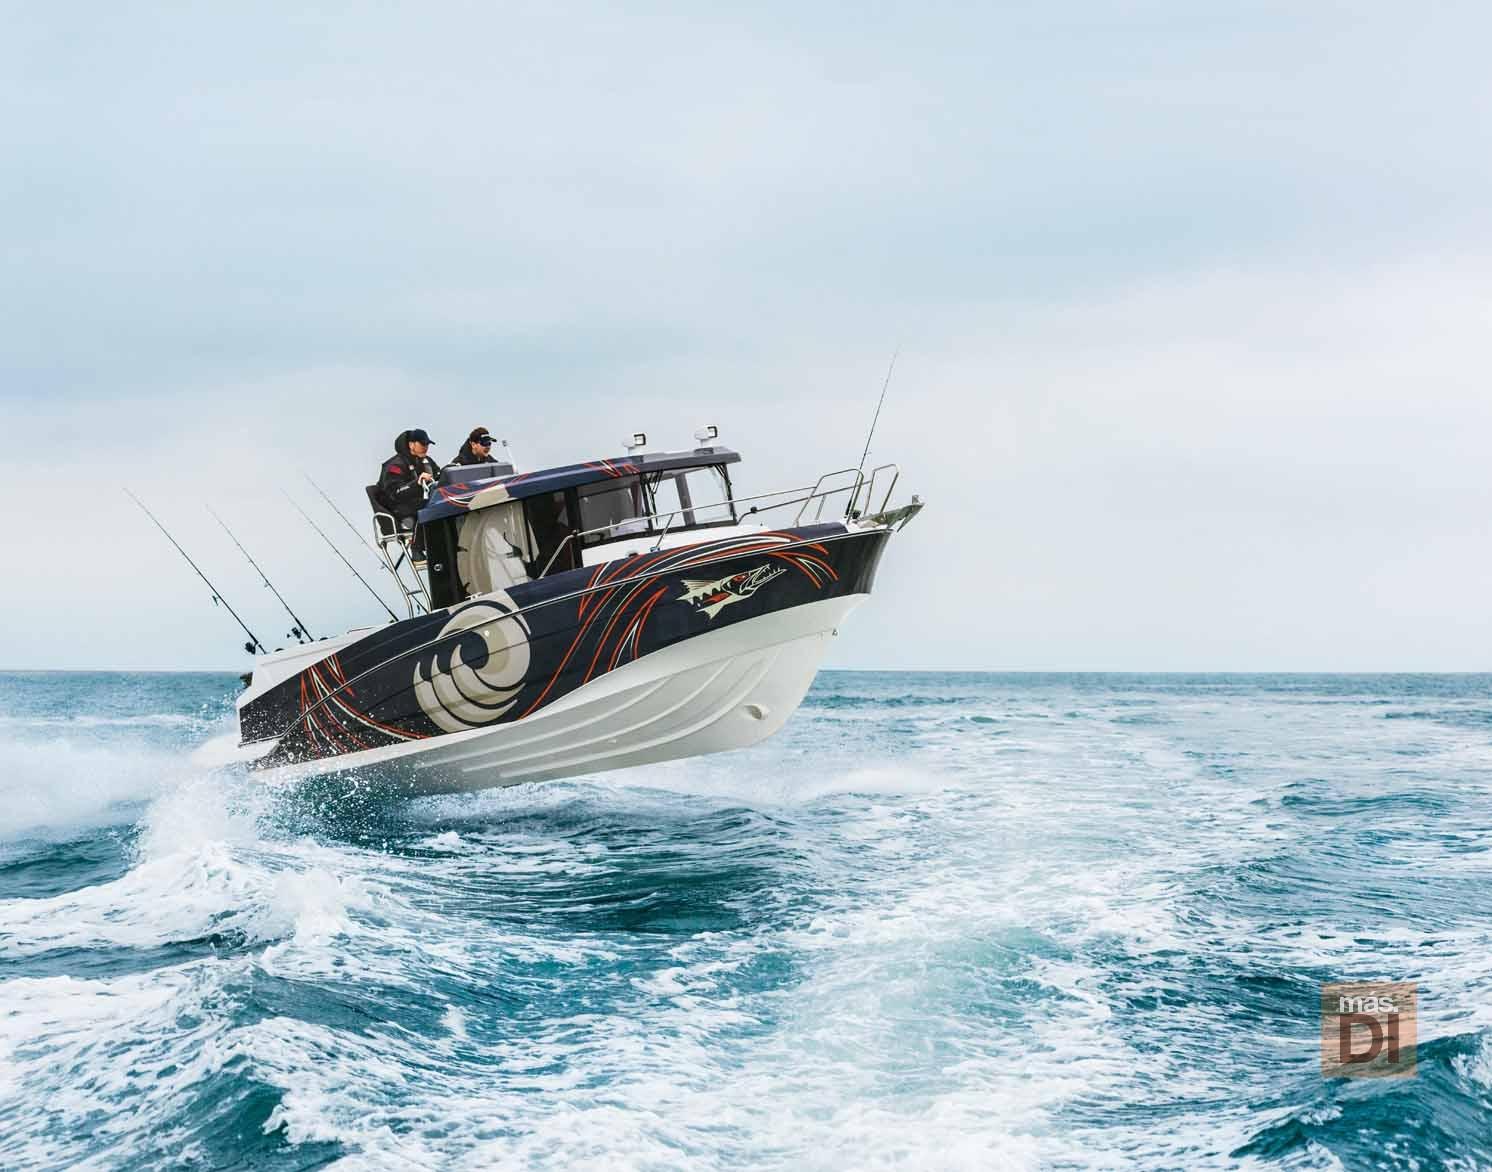 Náutica Viamar. El astillero Beneteau presenta los nuevos Oceanis Yacht 62, Sense 57 y Sense 51